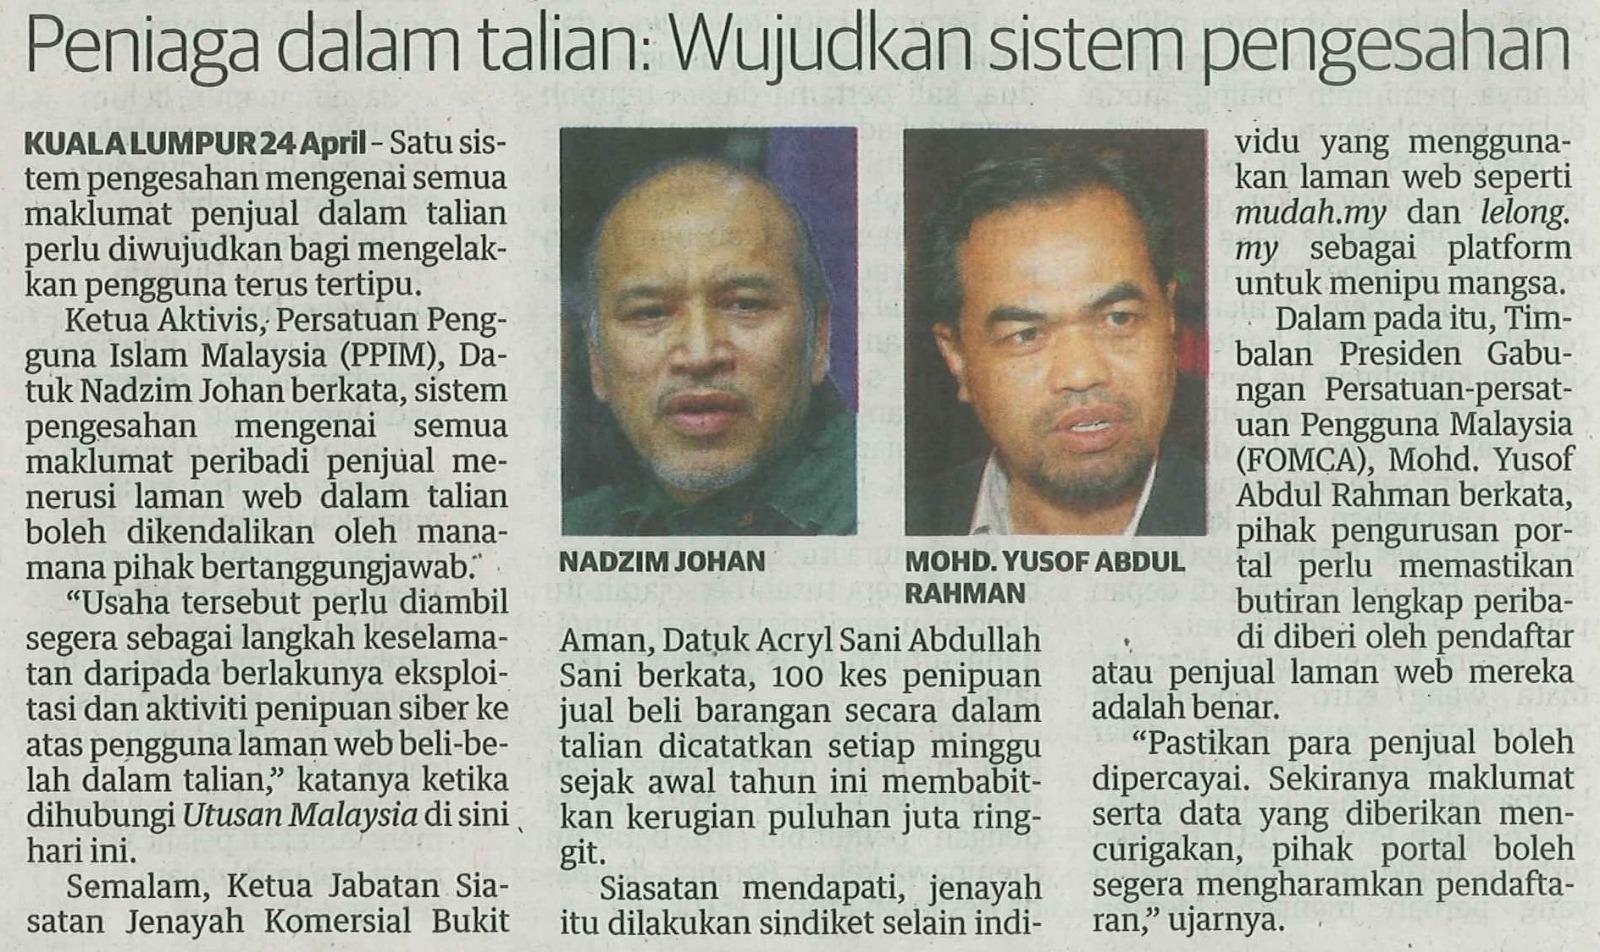 20170425 - PENIAGA DALAM TALIAN WUJUDKAN SISTEM PENGESAHAN - UTUSAN MALAYSIA